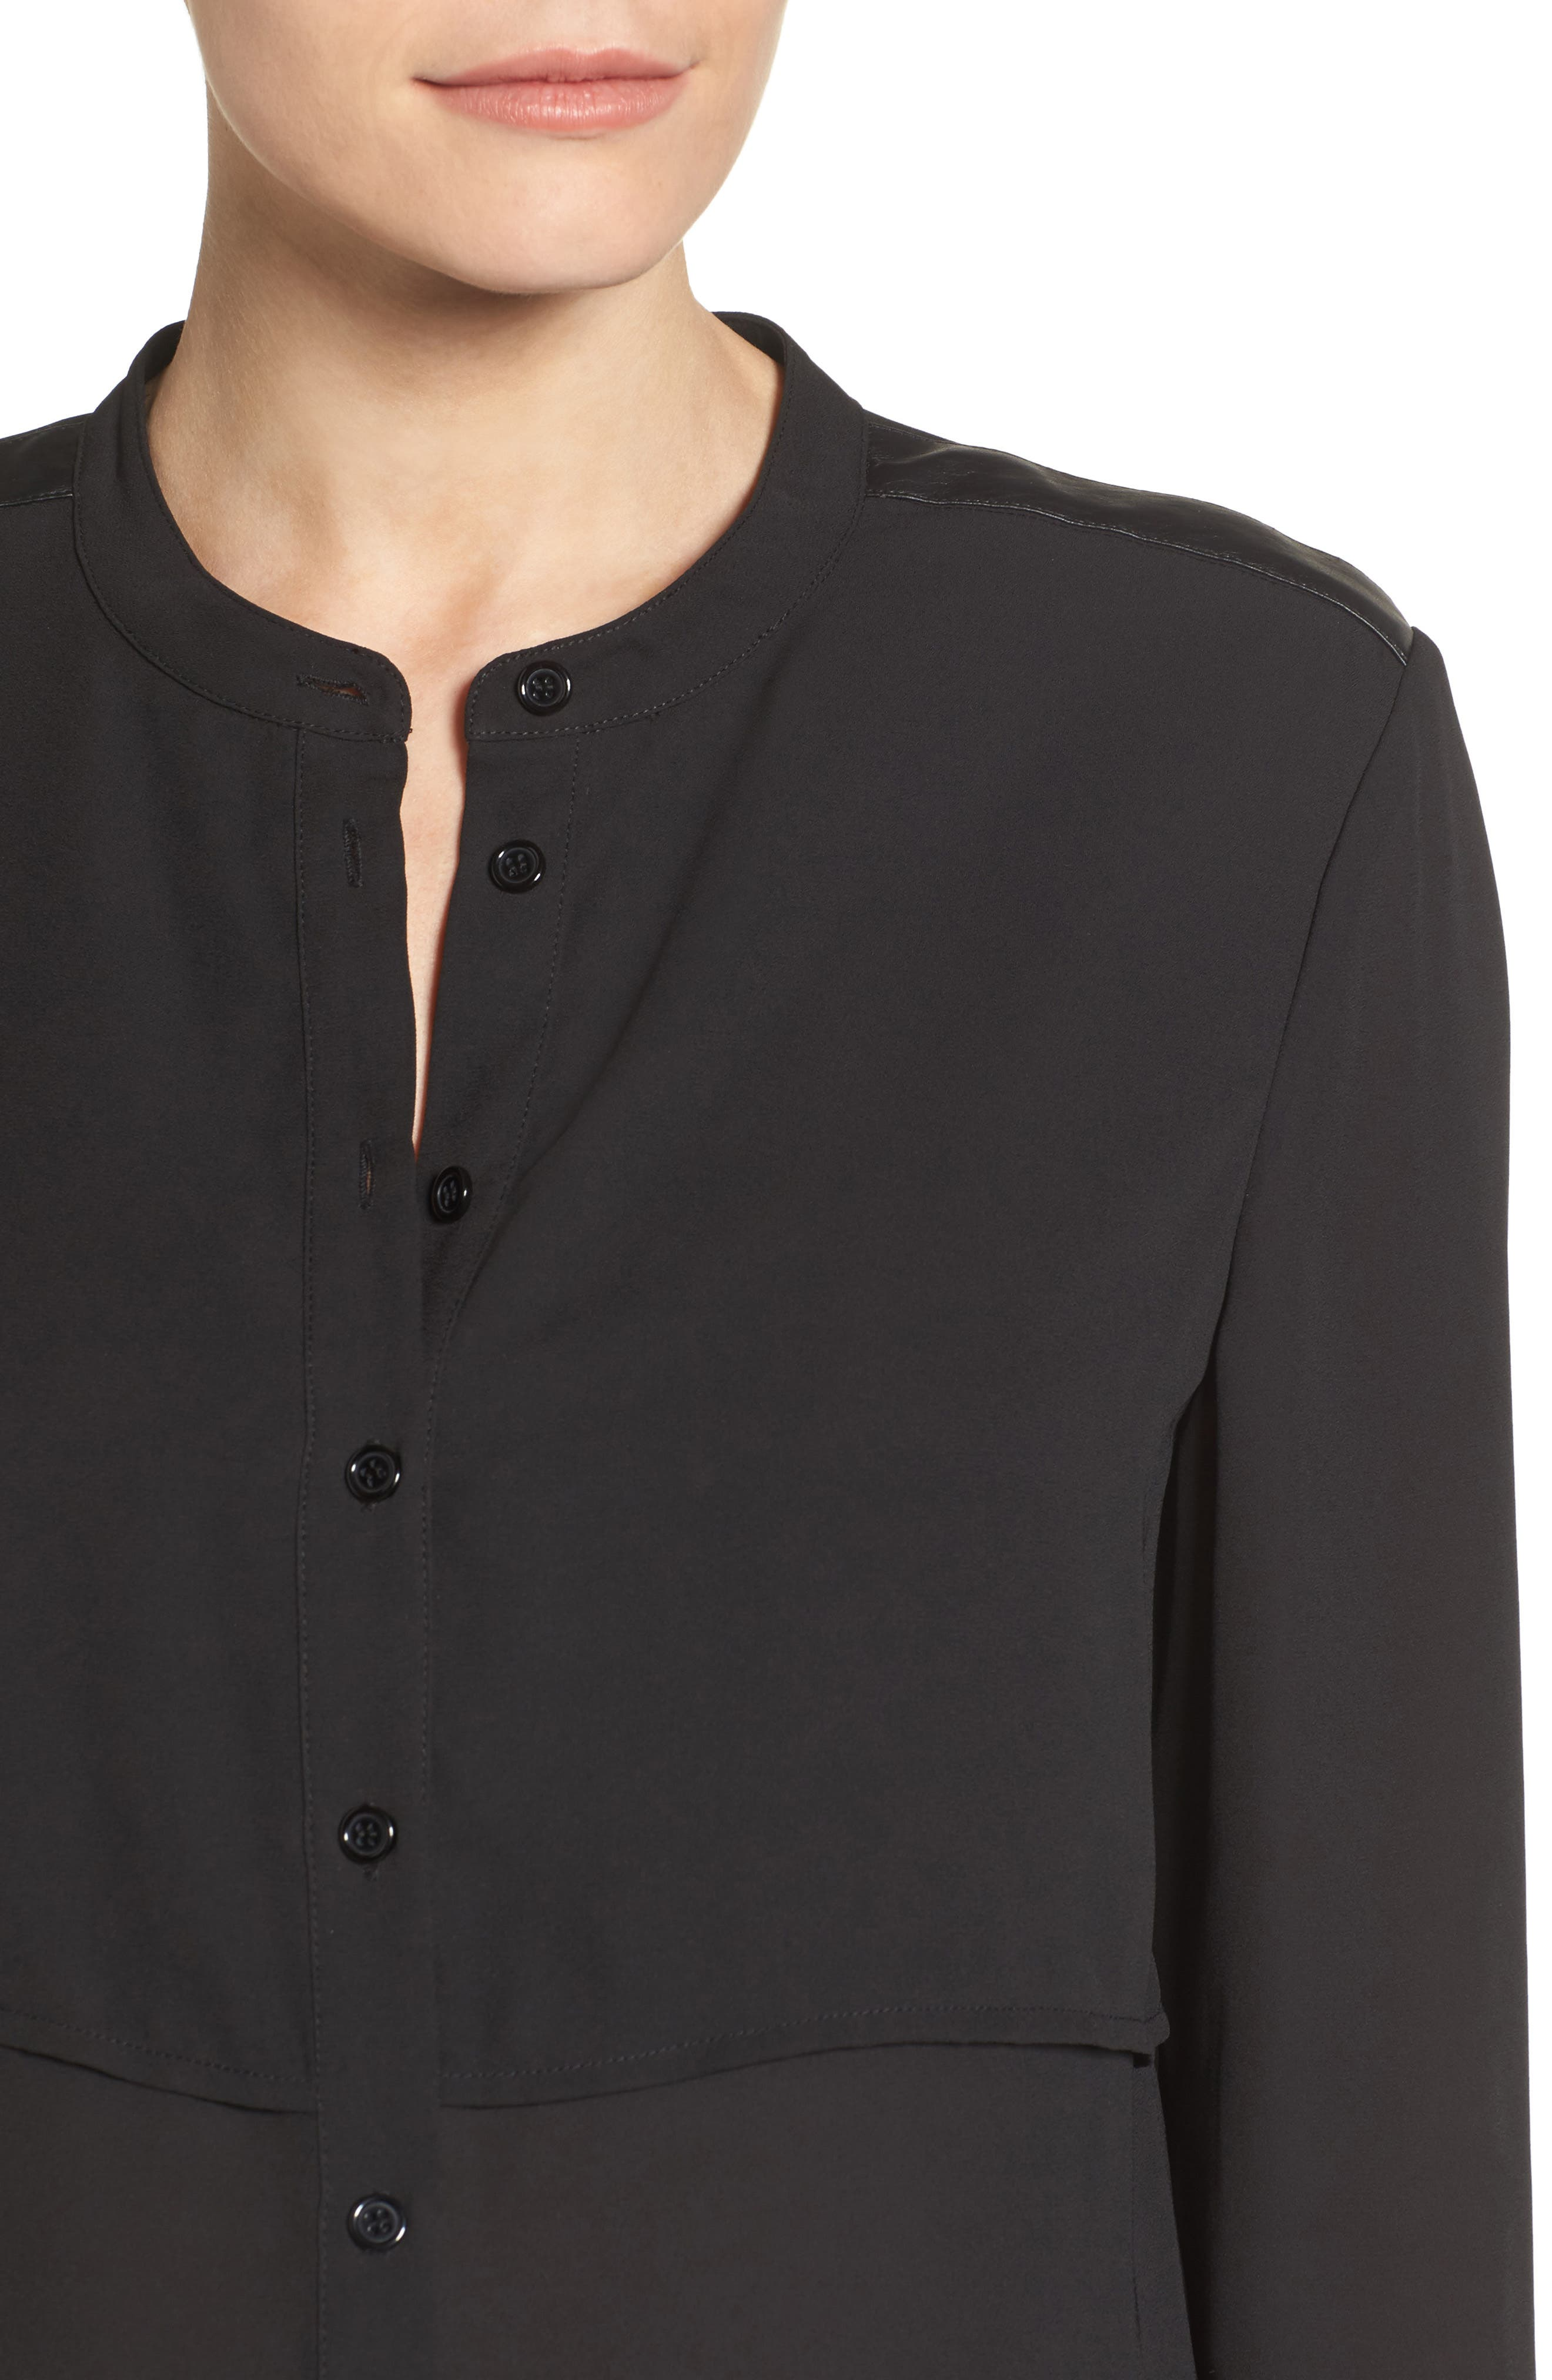 Jenni Maternity/Nursing Shirt,                             Alternate thumbnail 4, color,                             BLACK